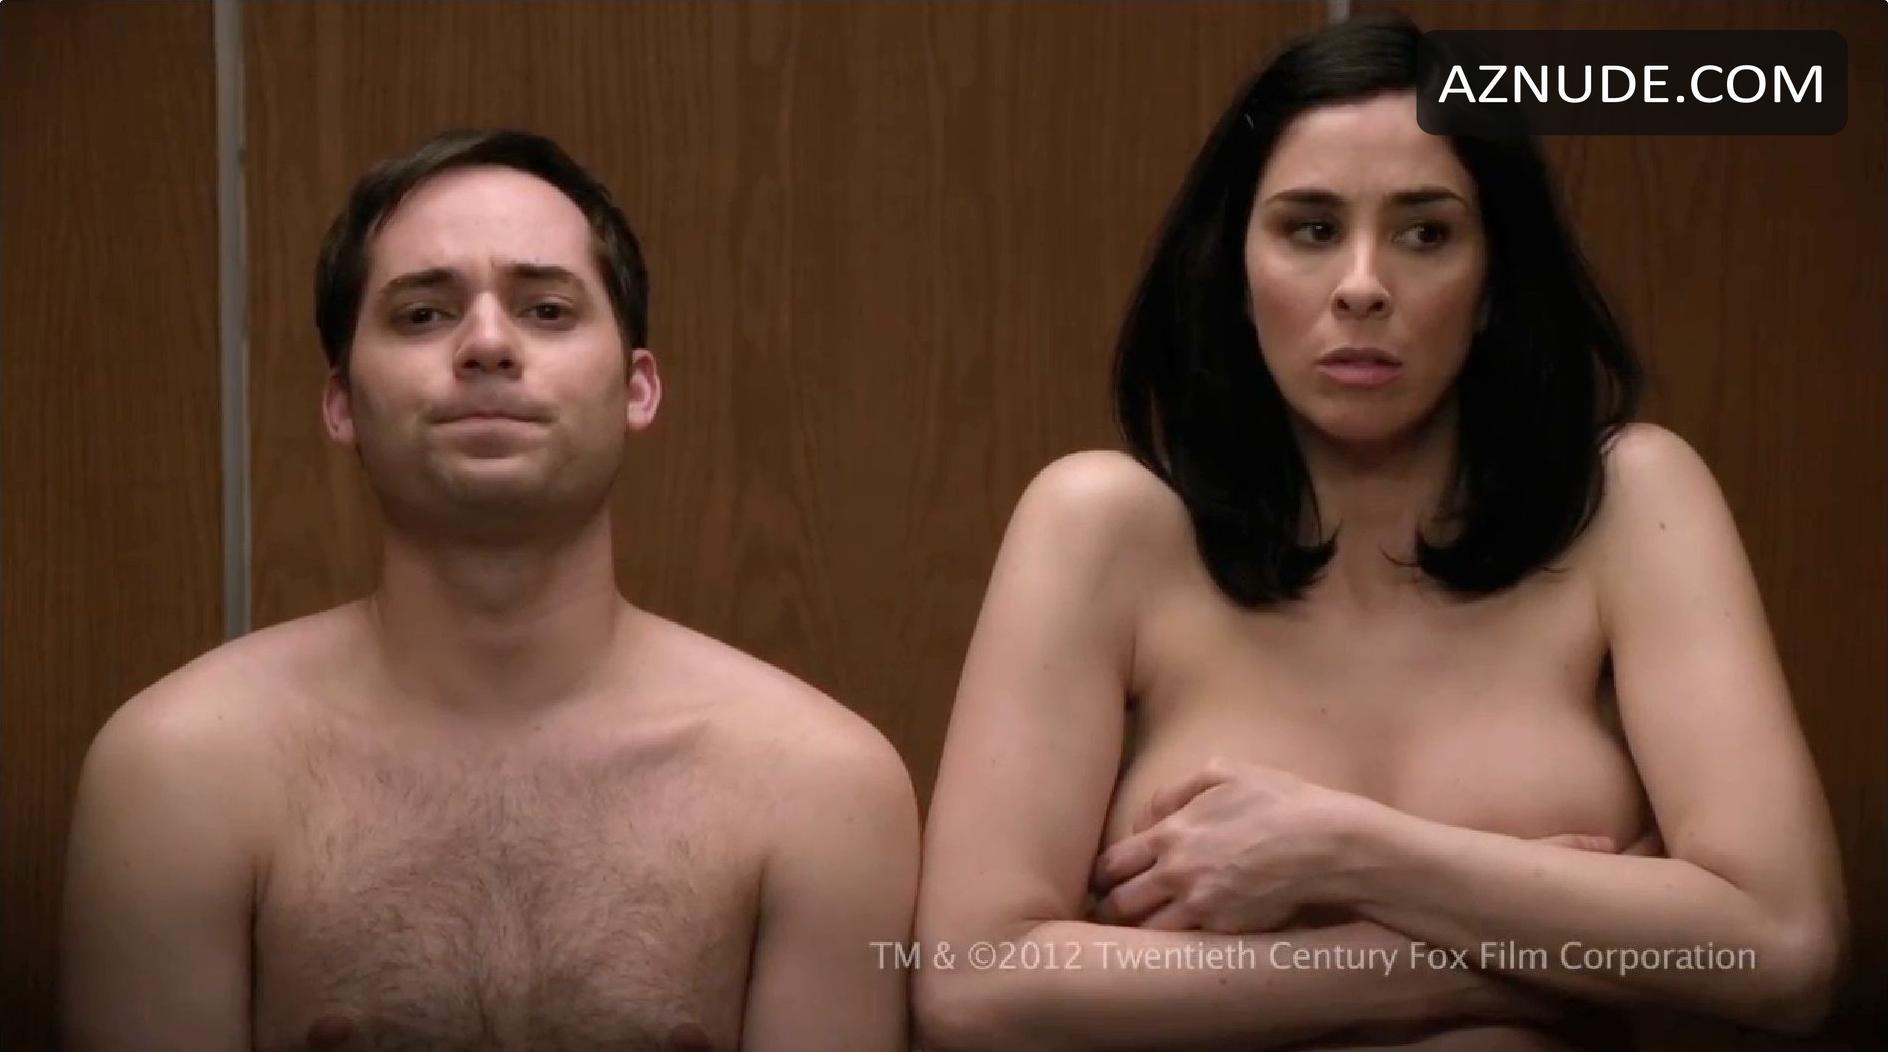 Sarah silverman nude picture photos